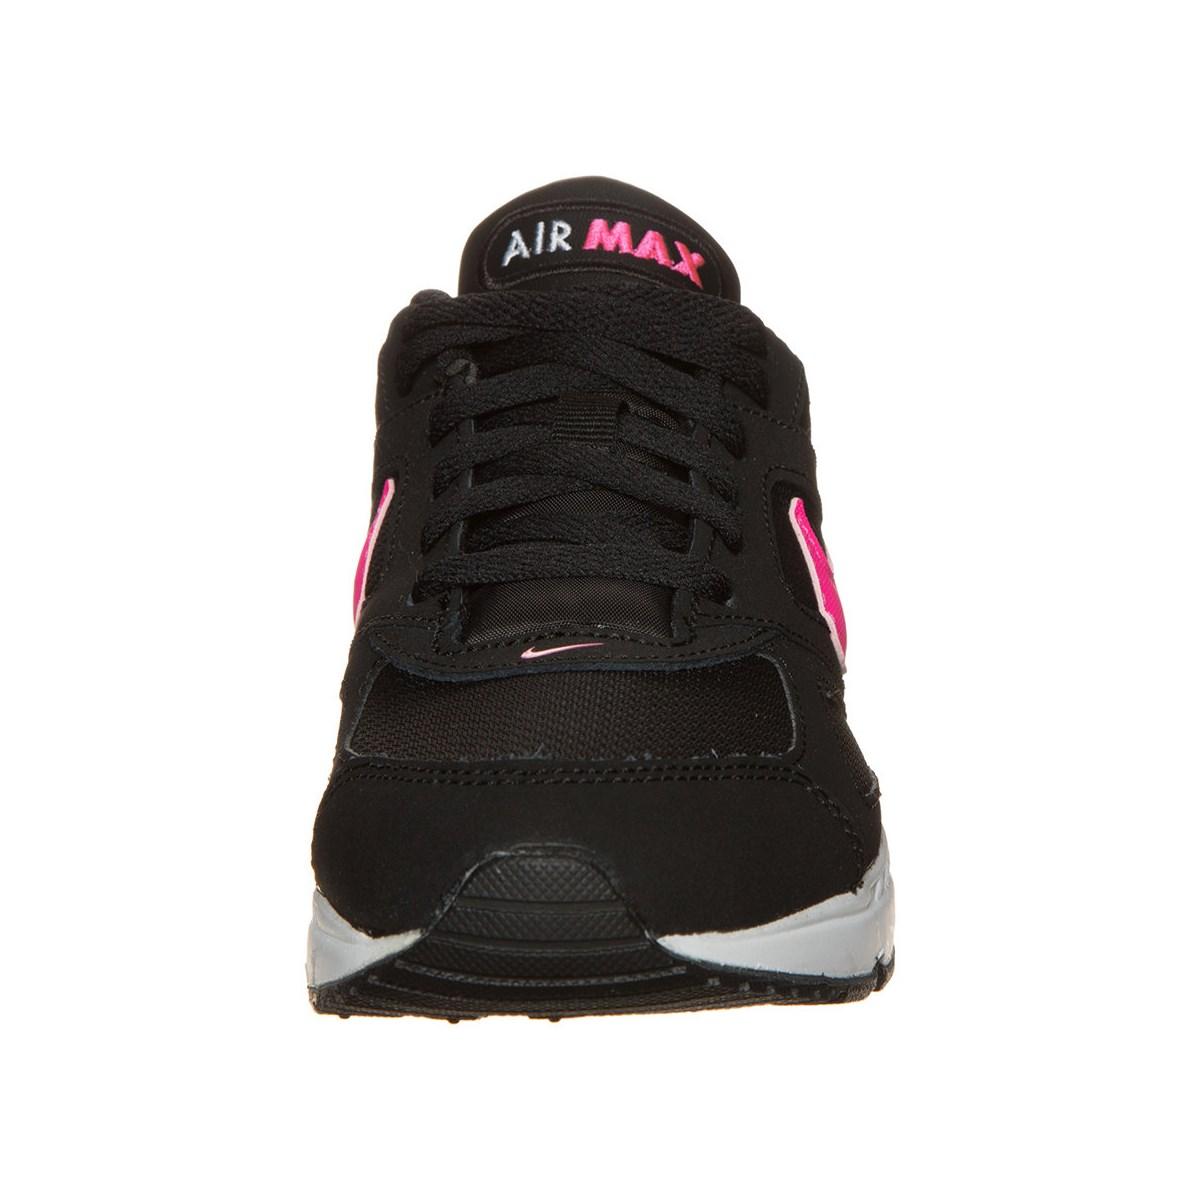 Air Max İvo Çocuk Siyah Spor Ayakkabı